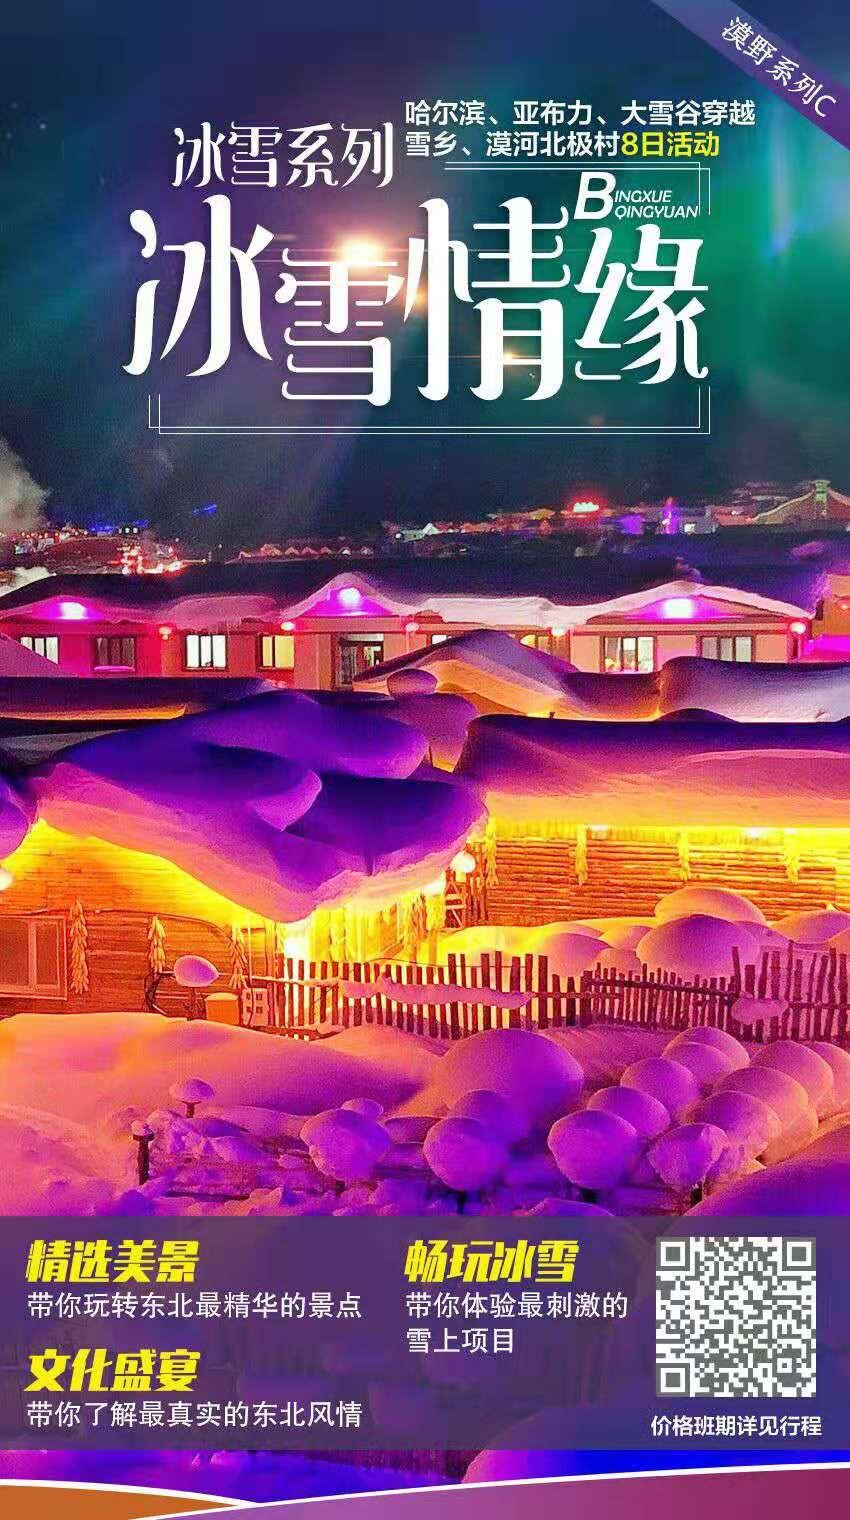 【冰雪情缘C线】哈尔滨-亚布力-雪山穿越-雪乡-漠河-北极村8日活动